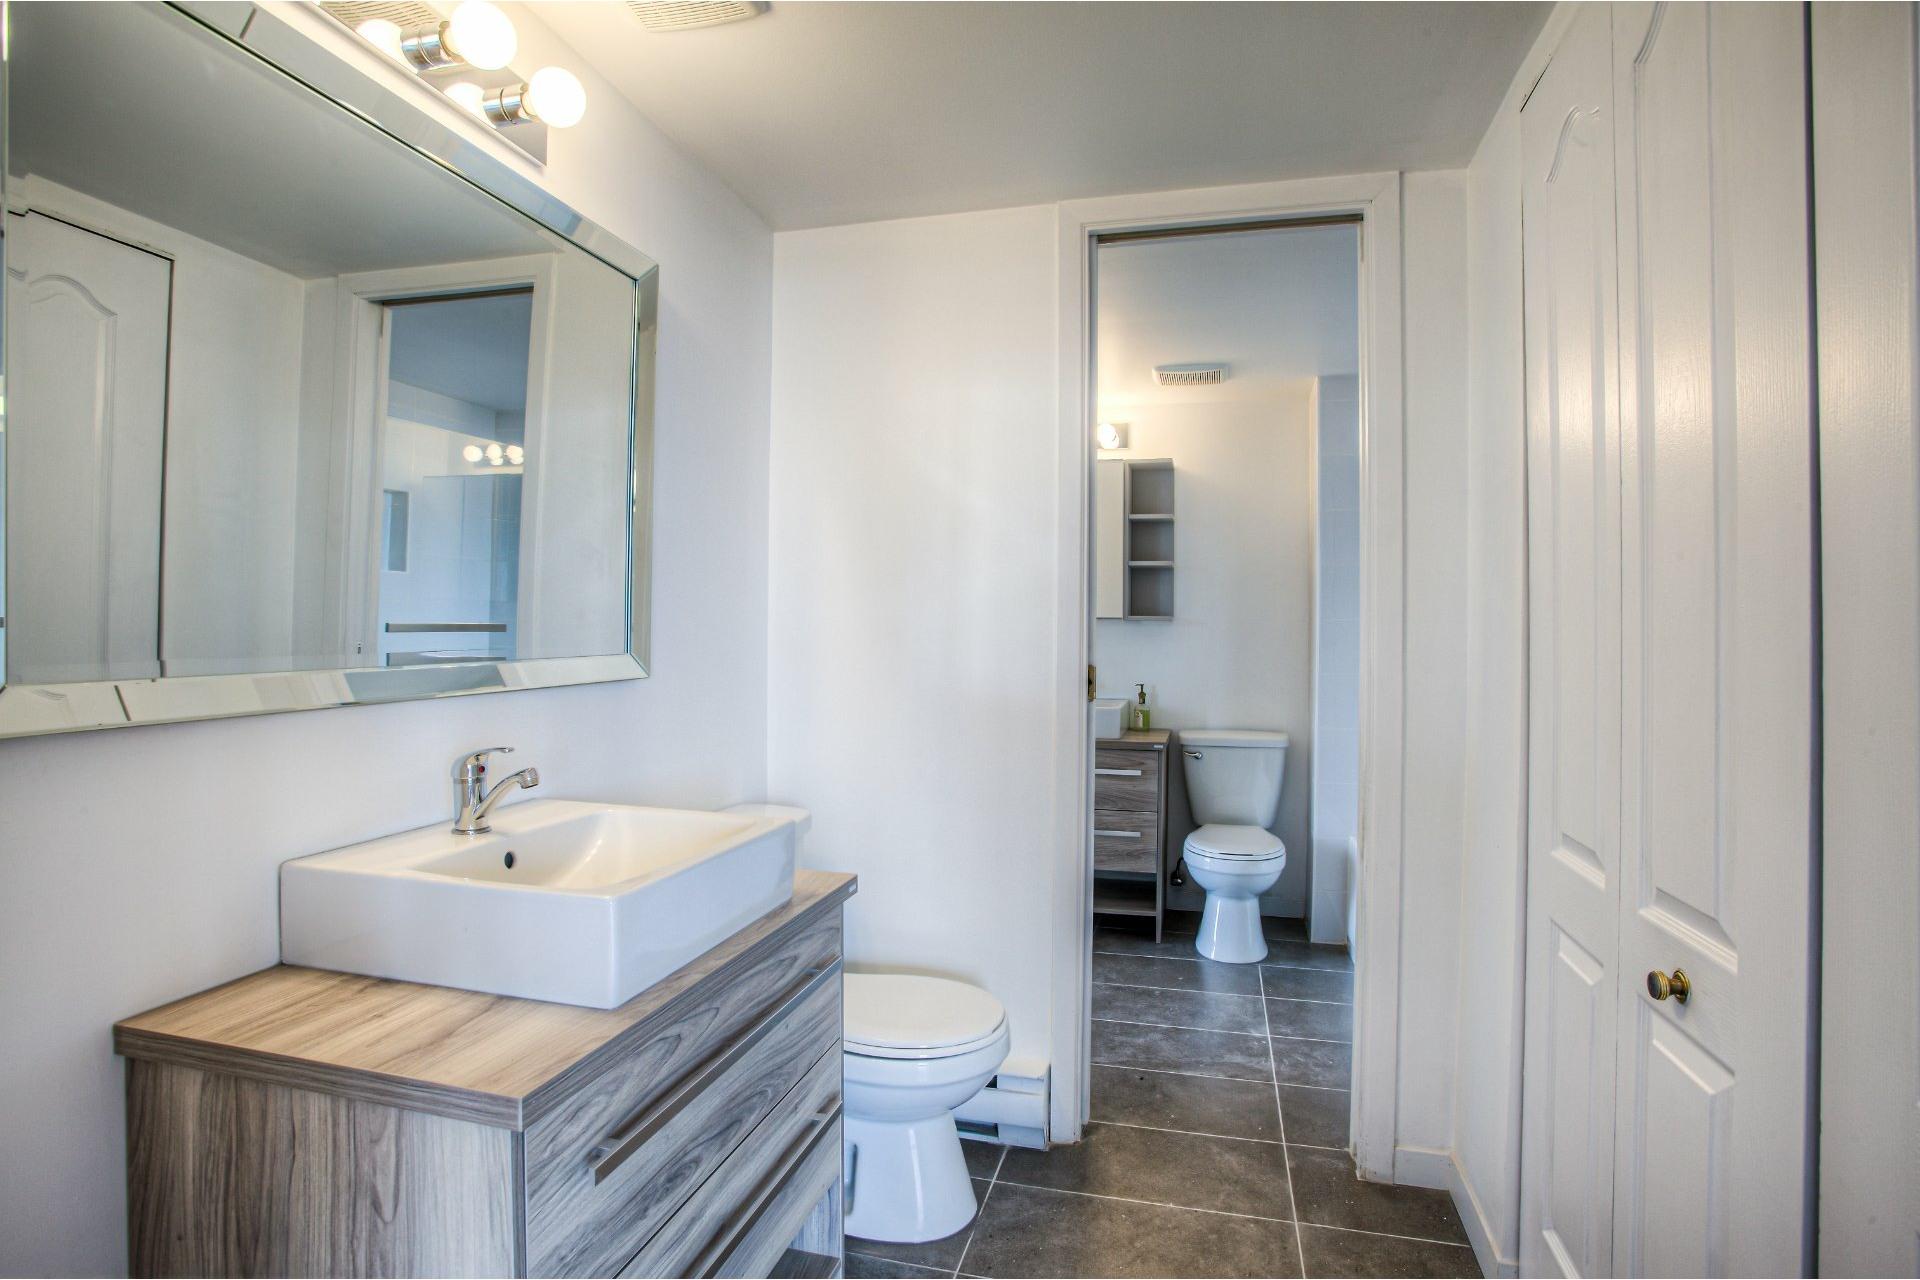 image 15 - Apartment For rent Saint-Laurent Montréal  - 8 rooms